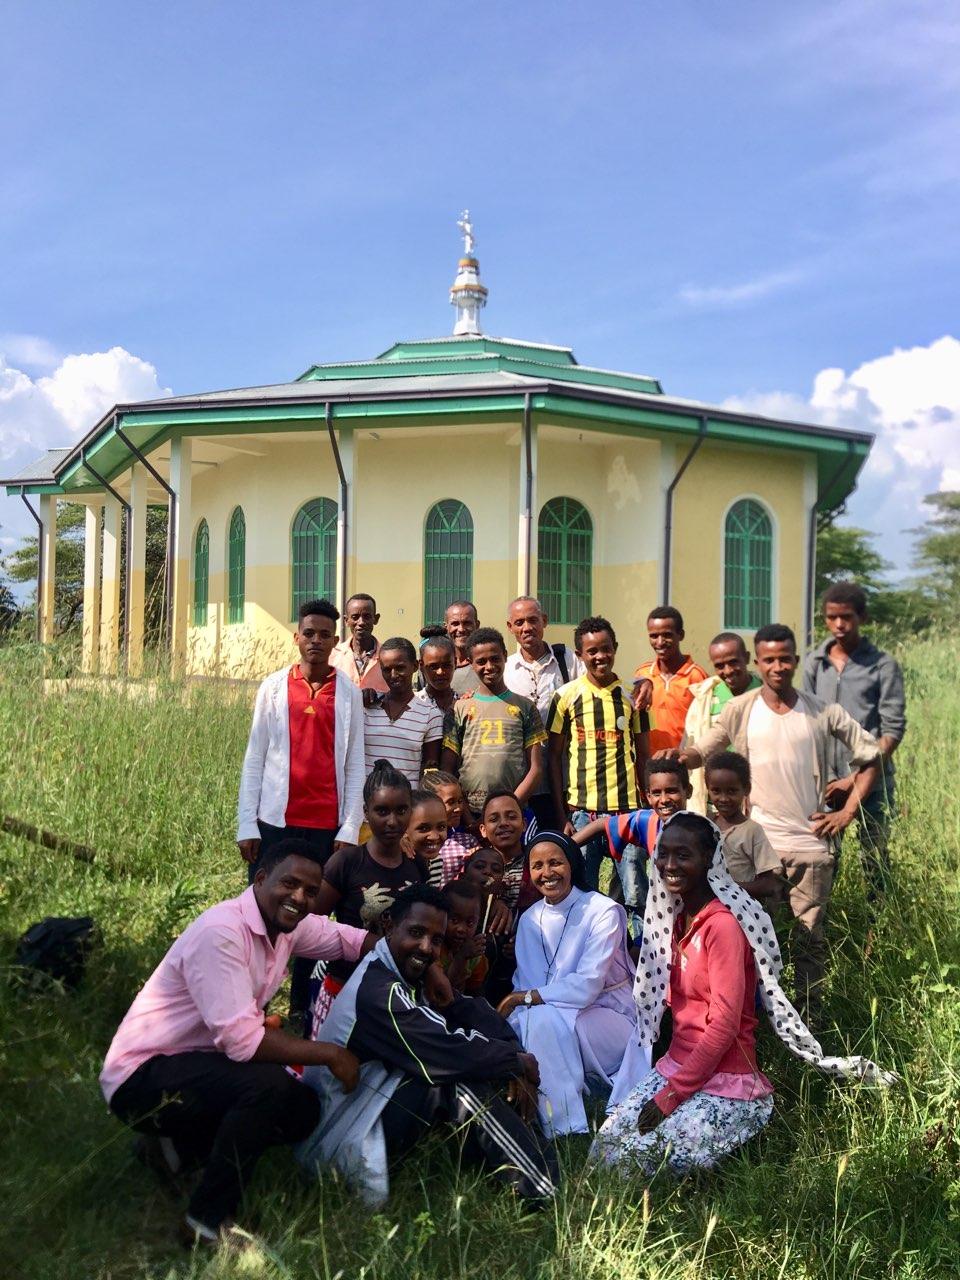 Historia de éxito: Los creyentes de Pawe están felices con su nueva iglesia